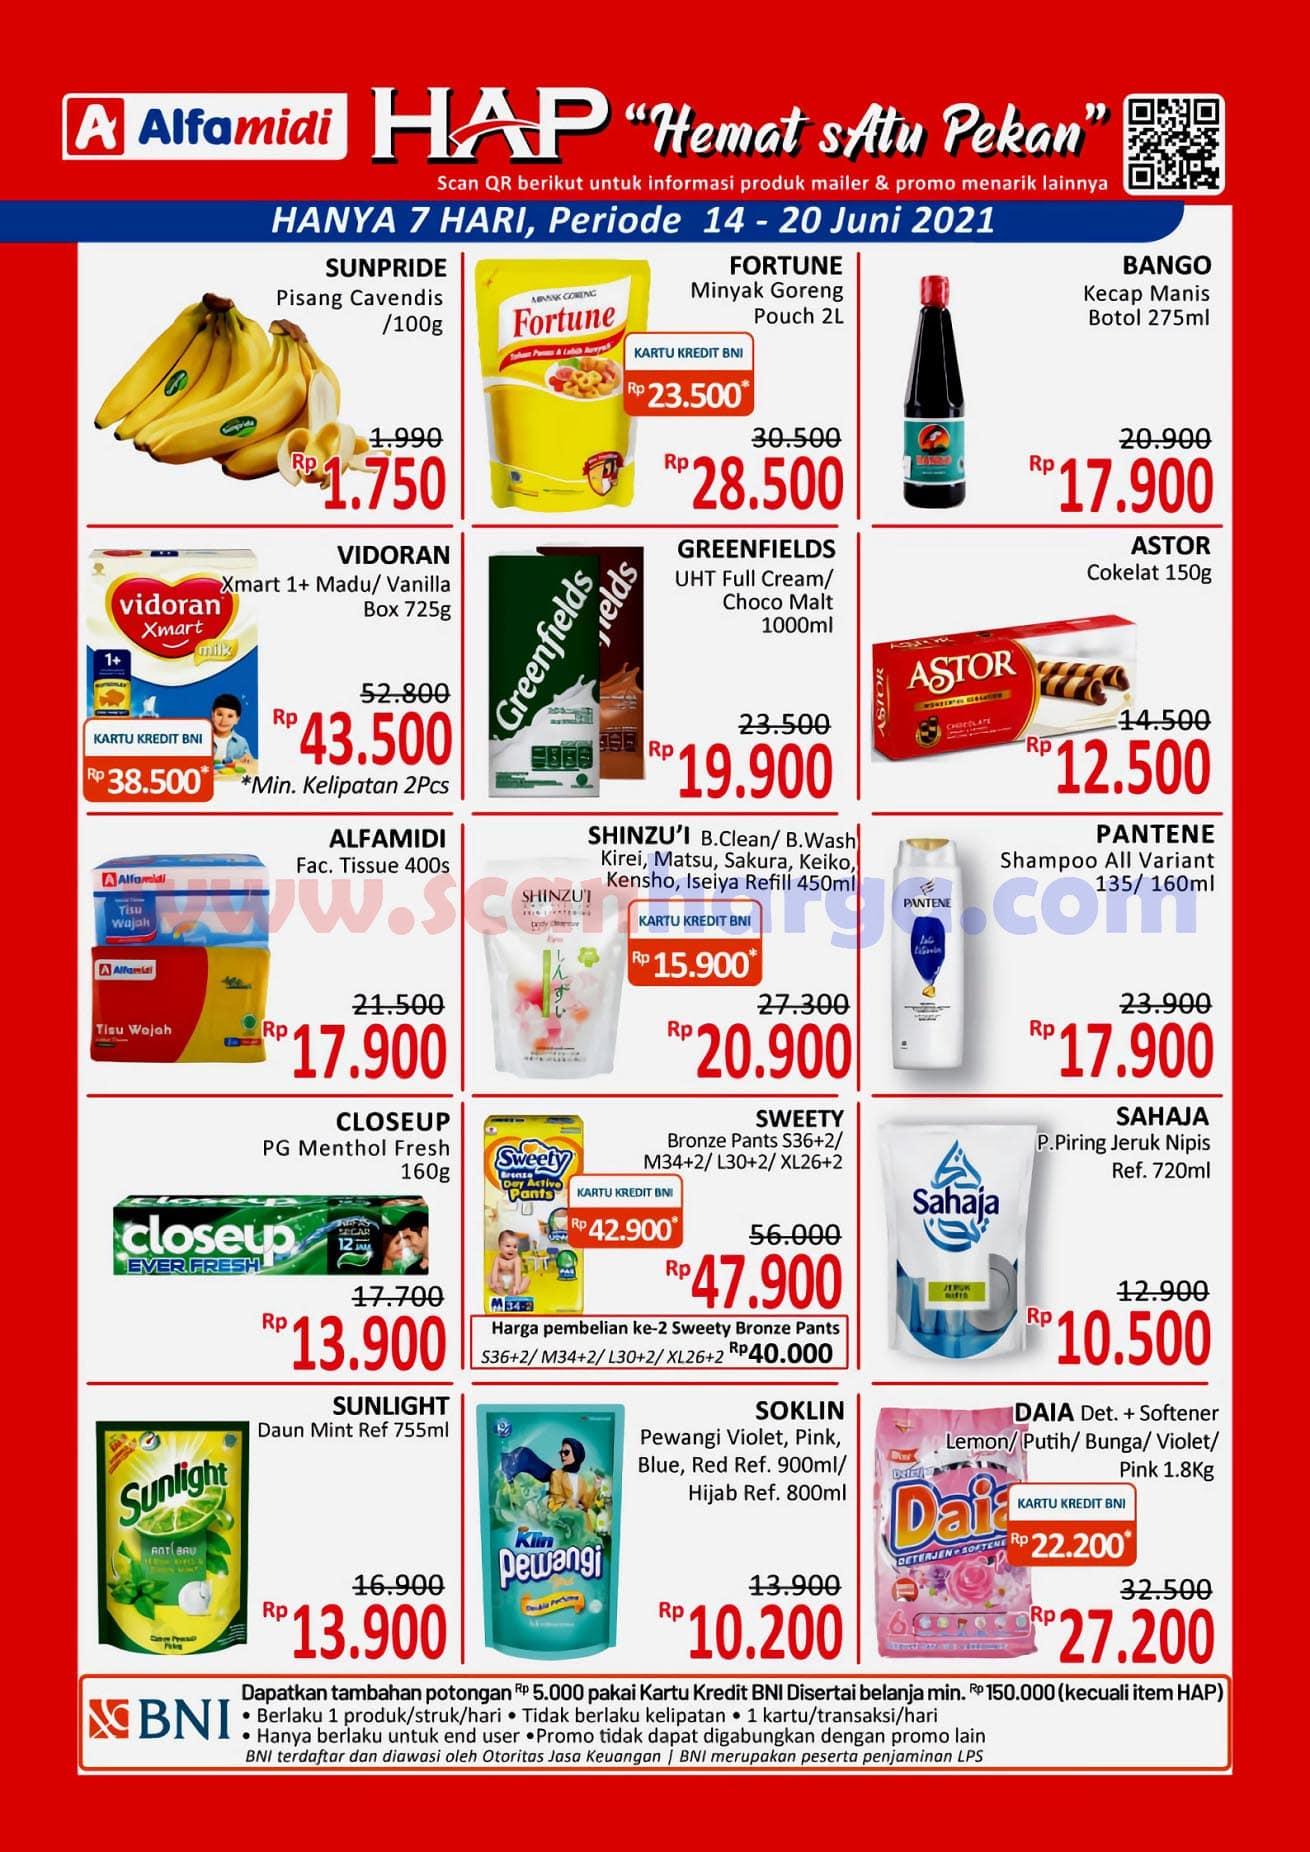 Katalog HAP Promo Alfamidi Satu Pekan 14 - 20 Juni 2021 1